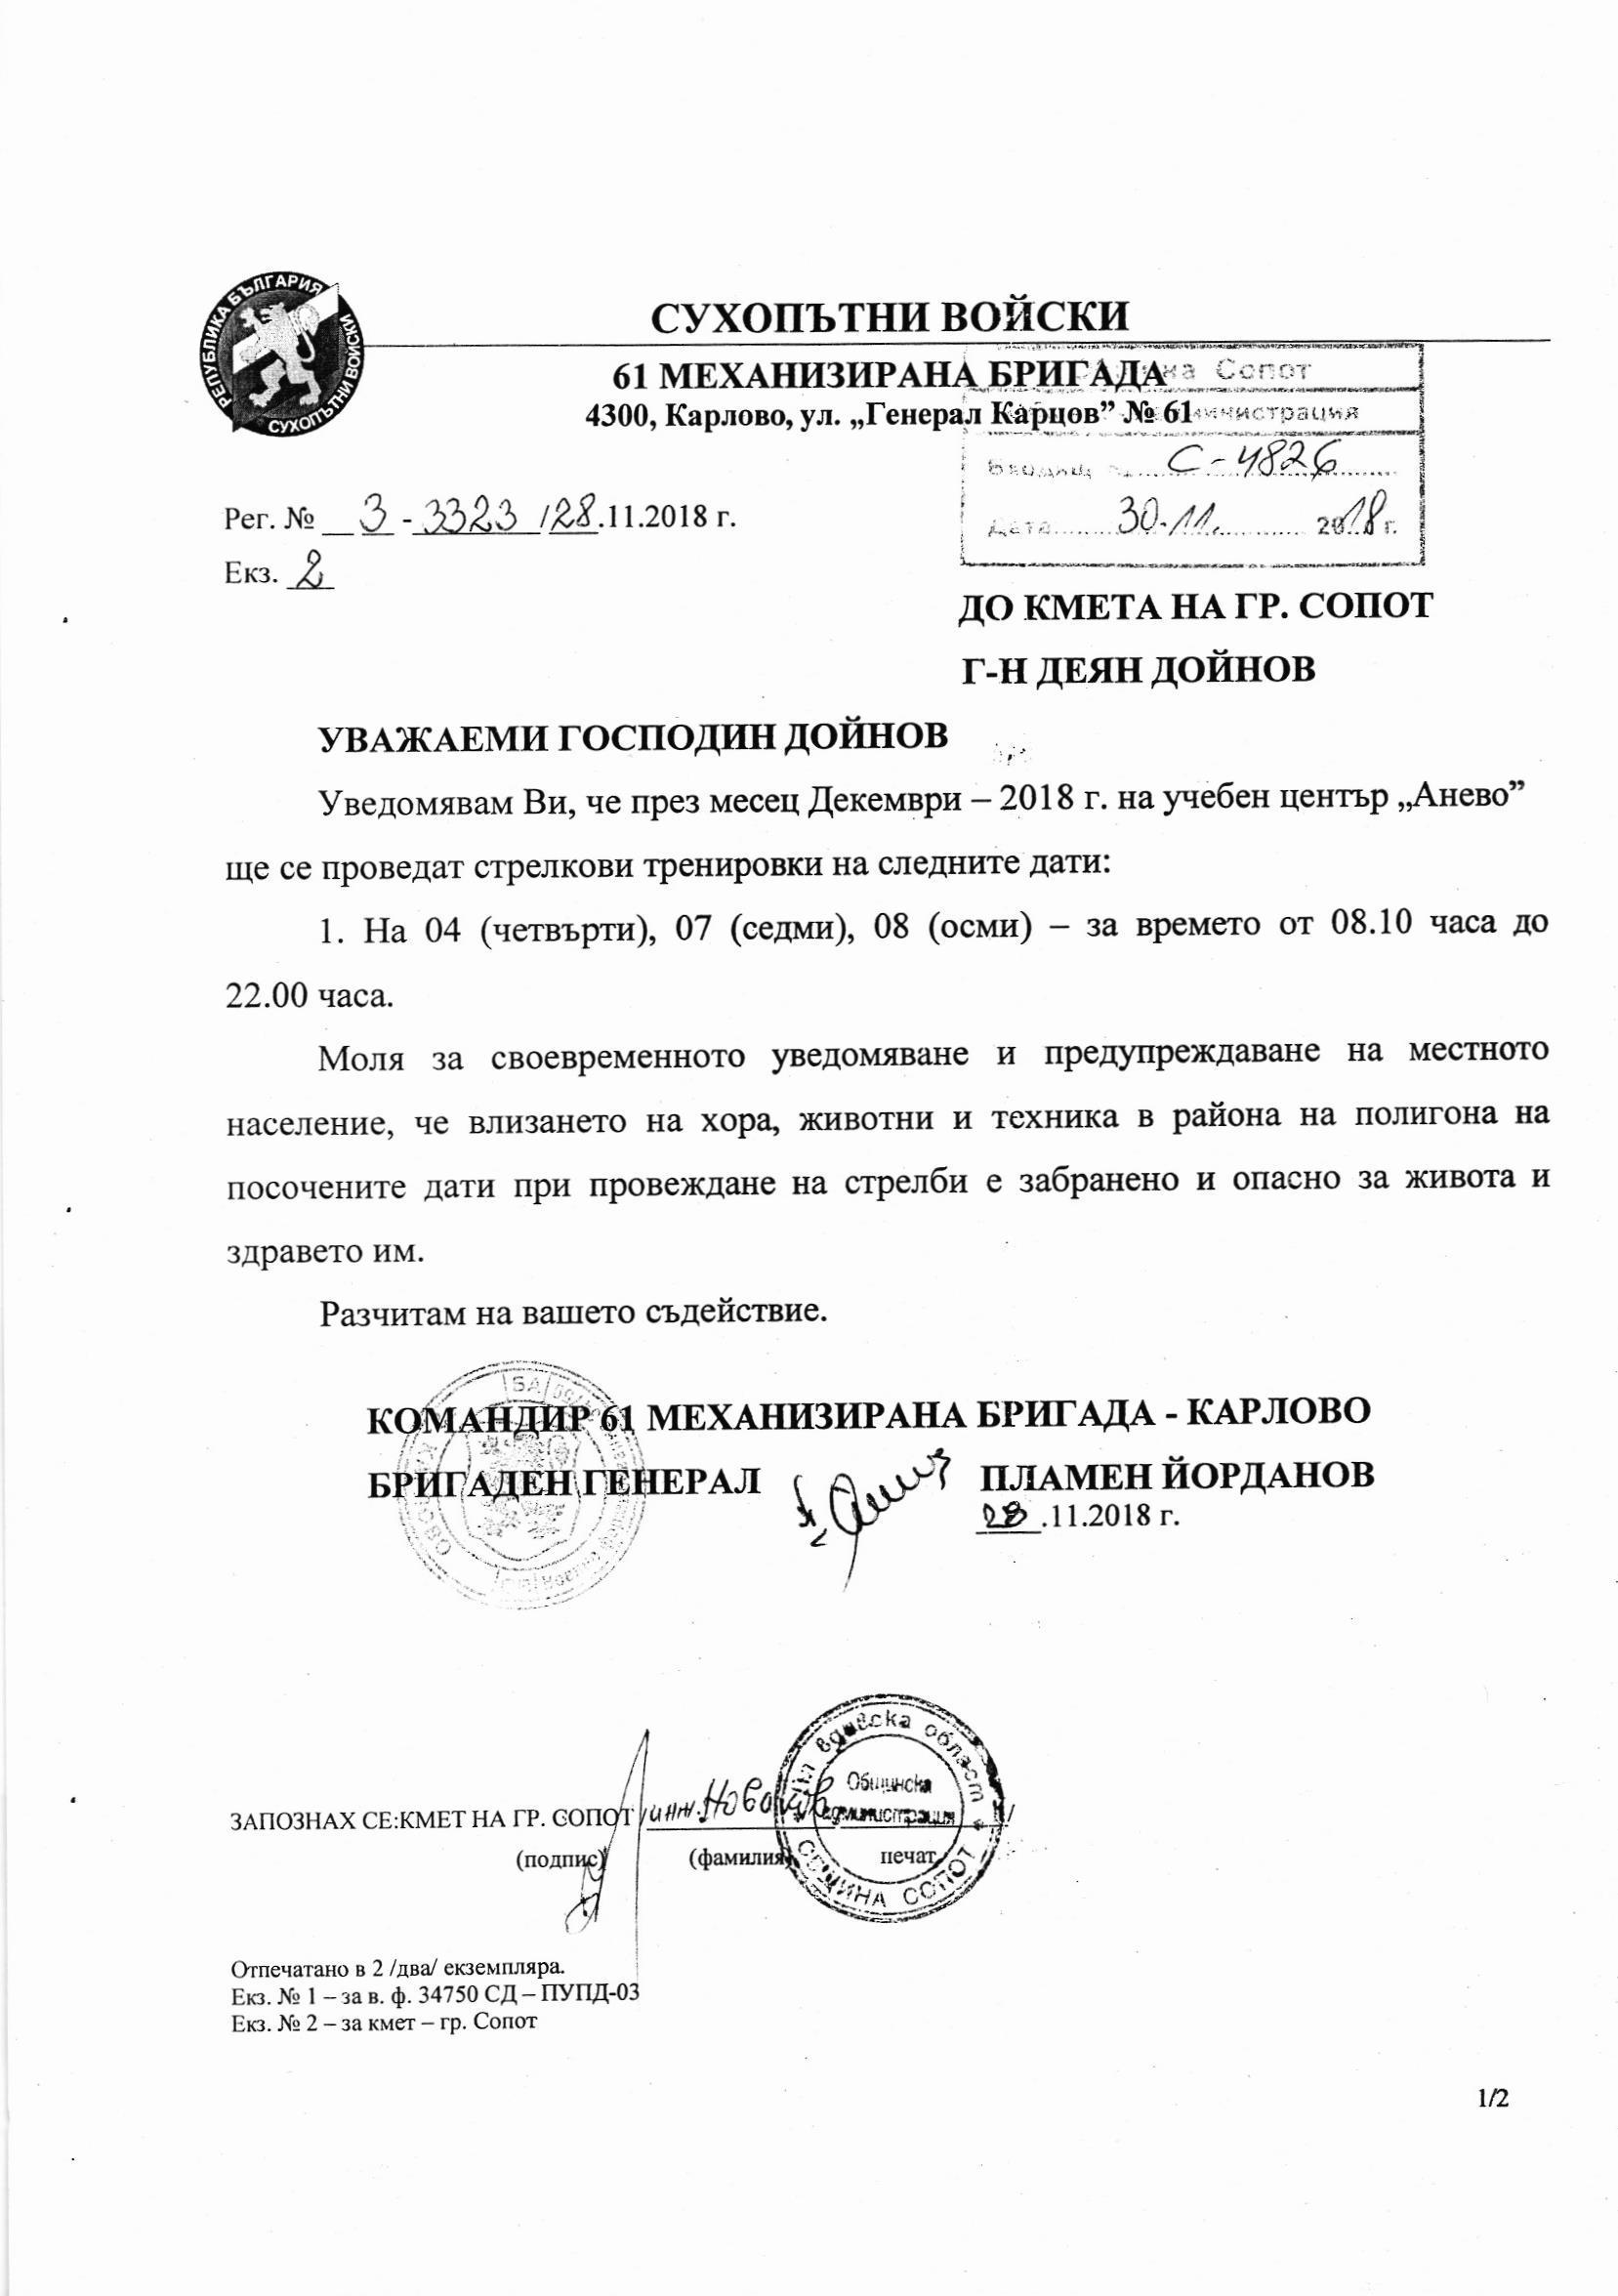 voenni_trenirovki_30.11.2018